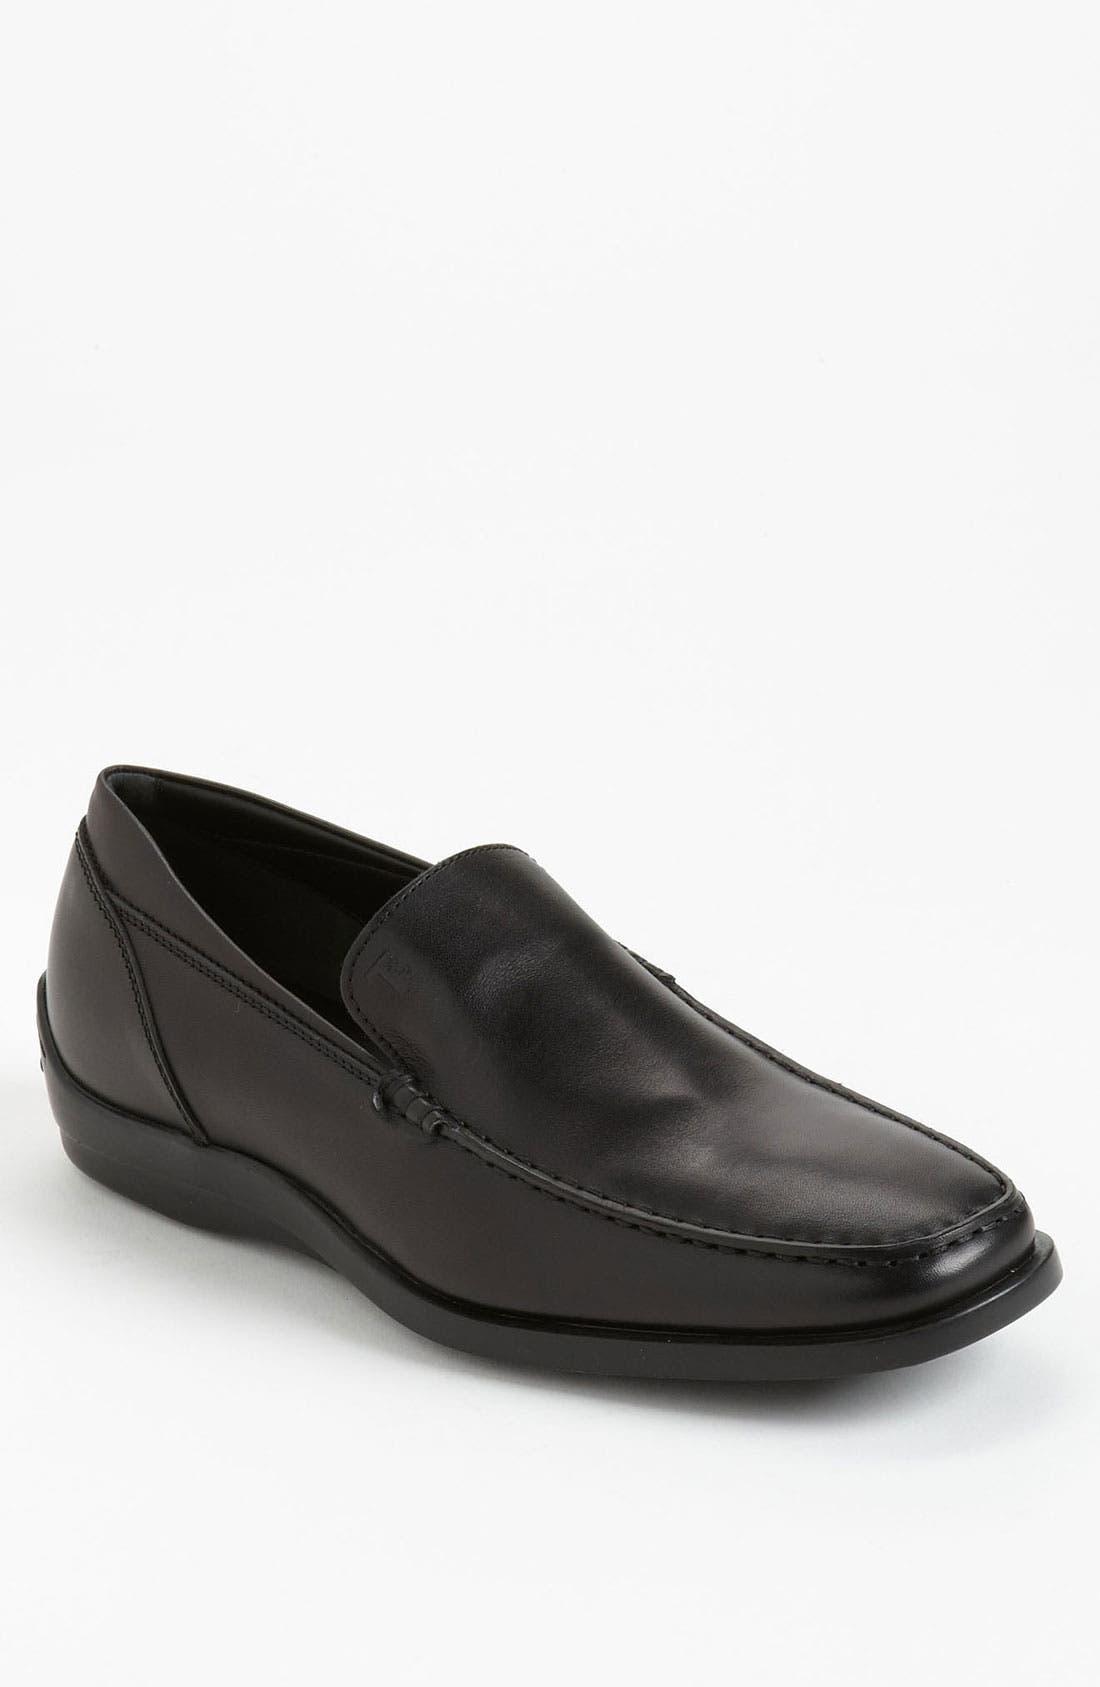 Main Image - Tod's 'Quinn' Venetian Loafer